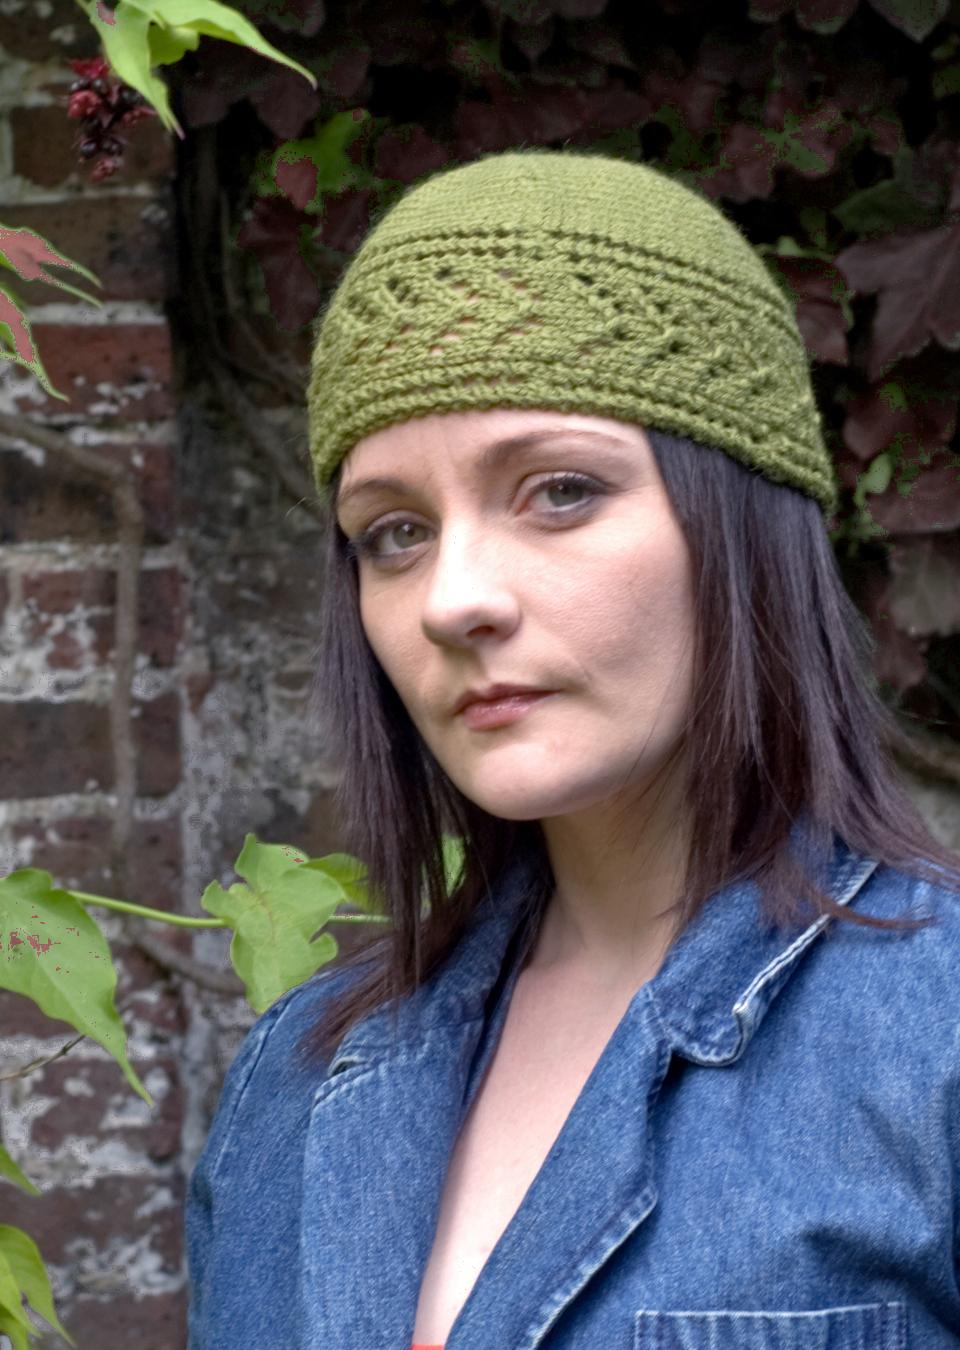 Dryad sideways knit lace Hat pattern